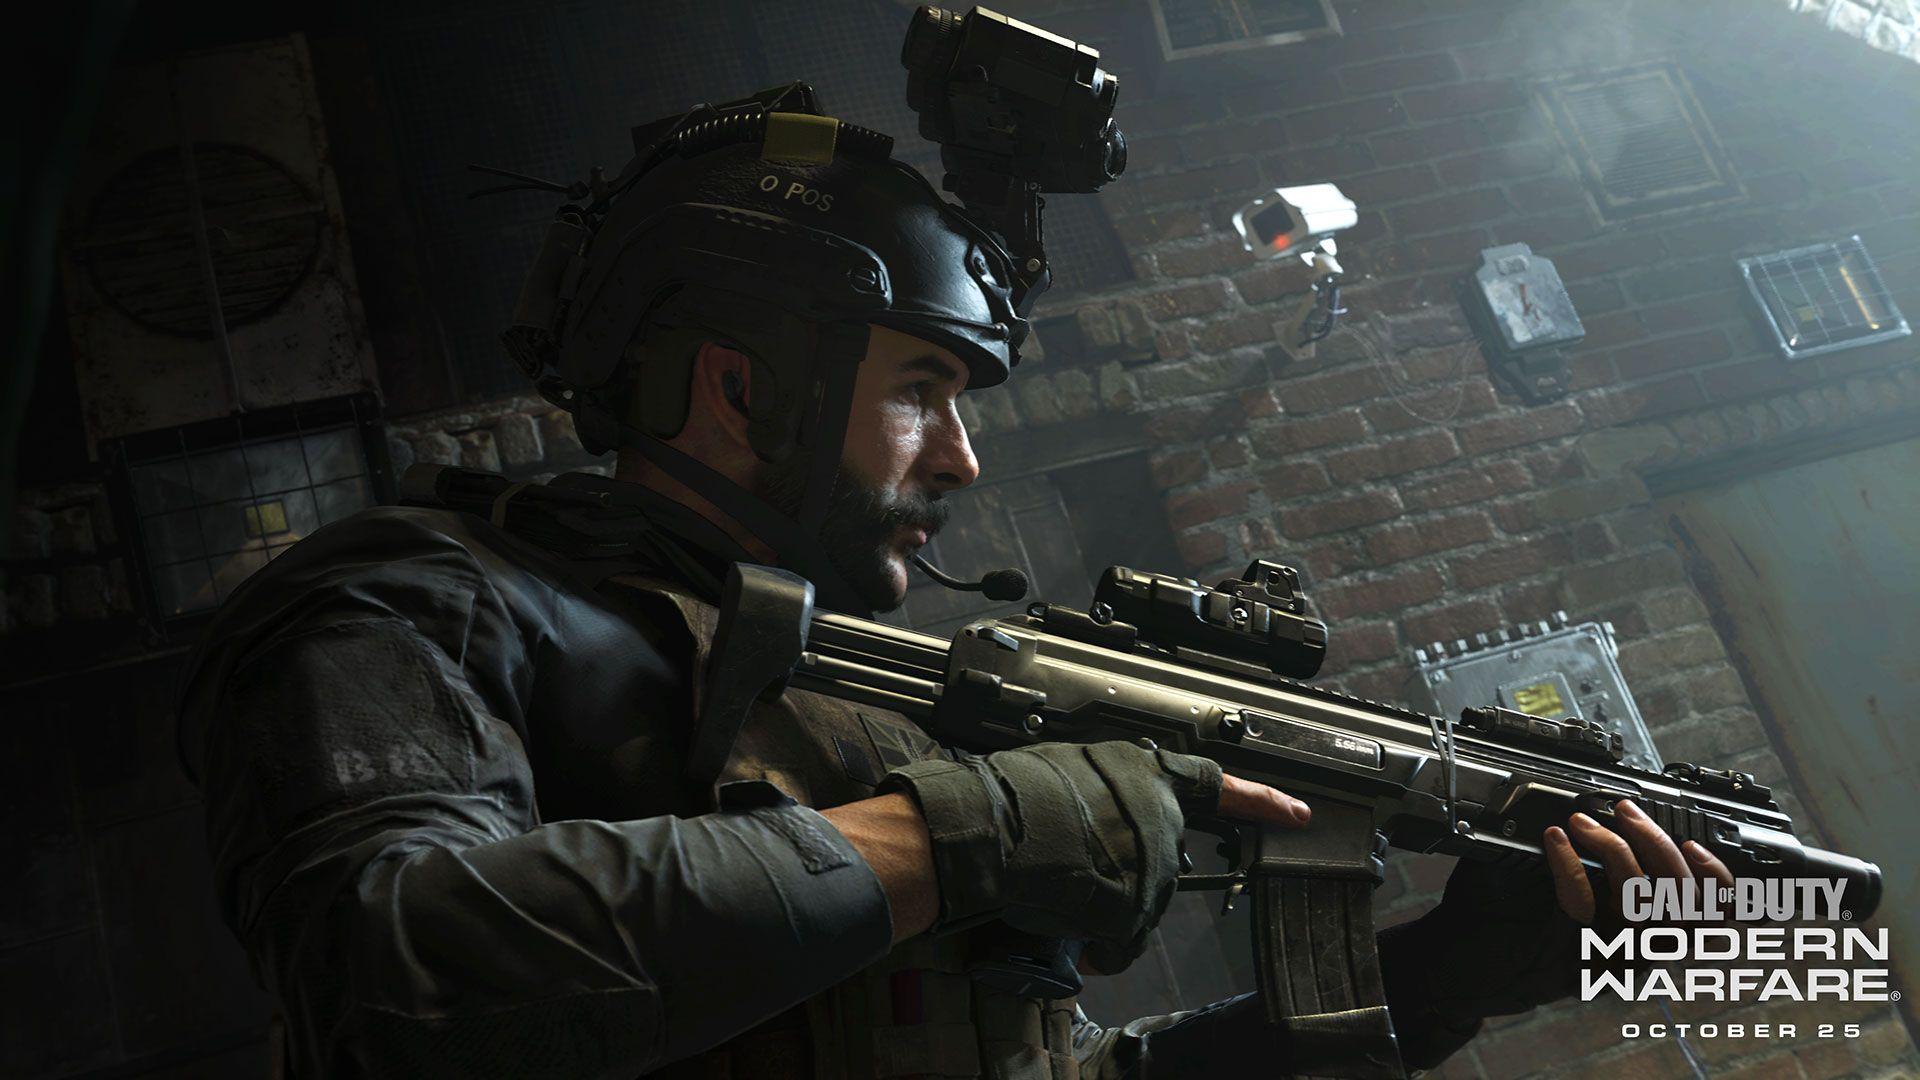 بازی Call of Duty: Modern Warfare اخلاقیات بازیکنان را زیر سوال خواهد برد